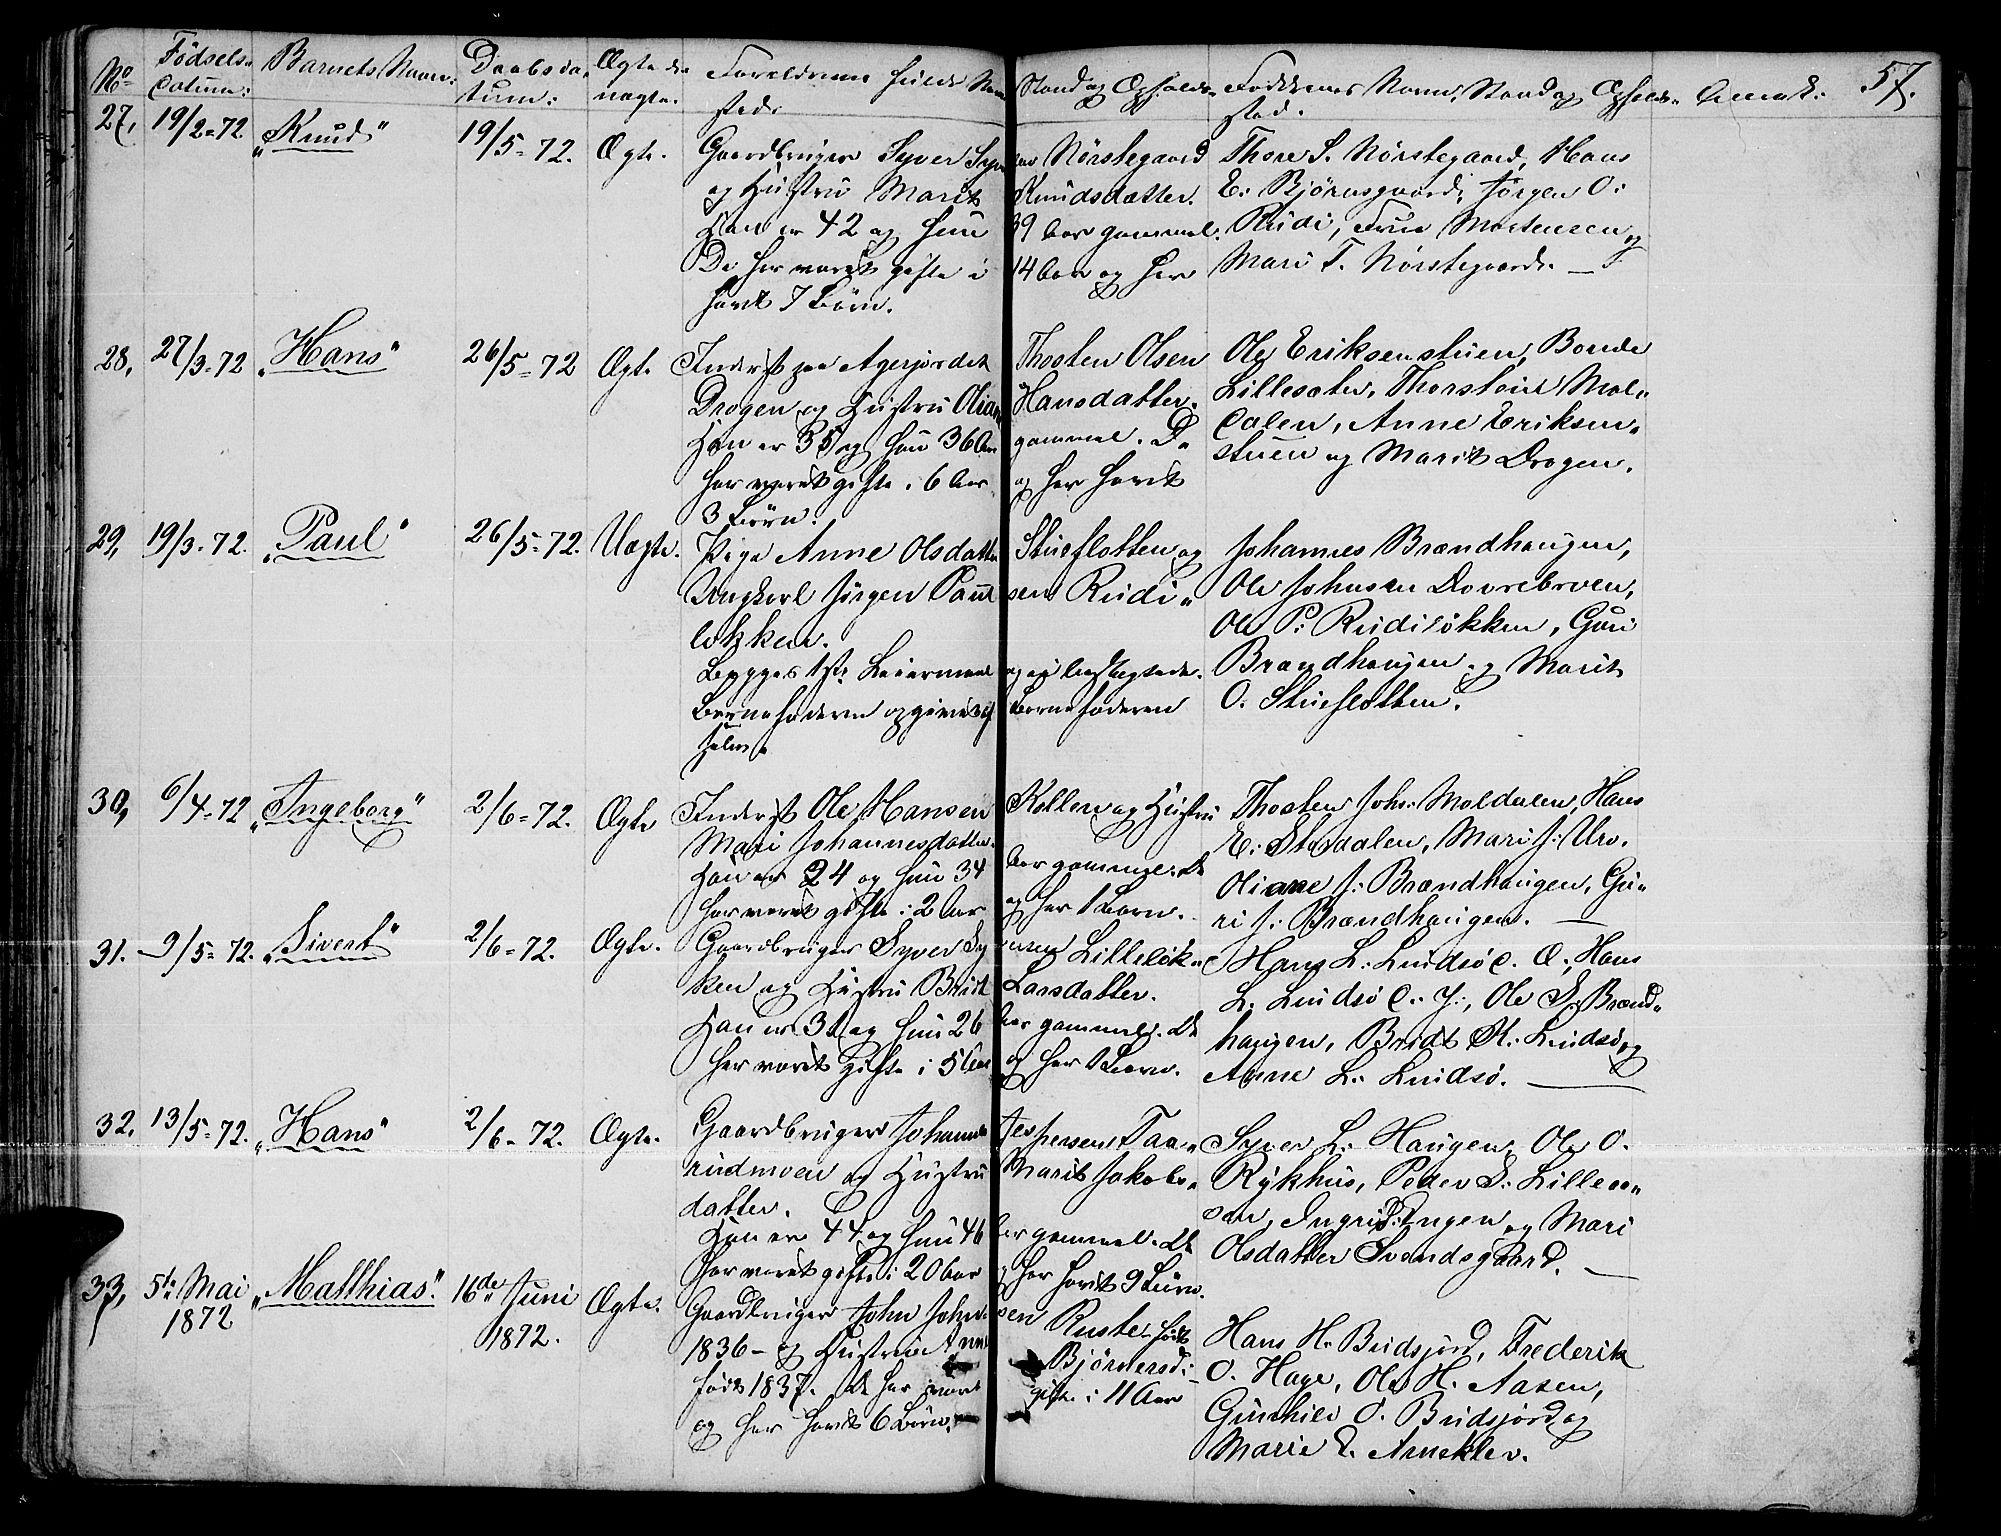 SAH, Dovre prestekontor, Klokkerbok nr. 1, 1862-1880, s. 57